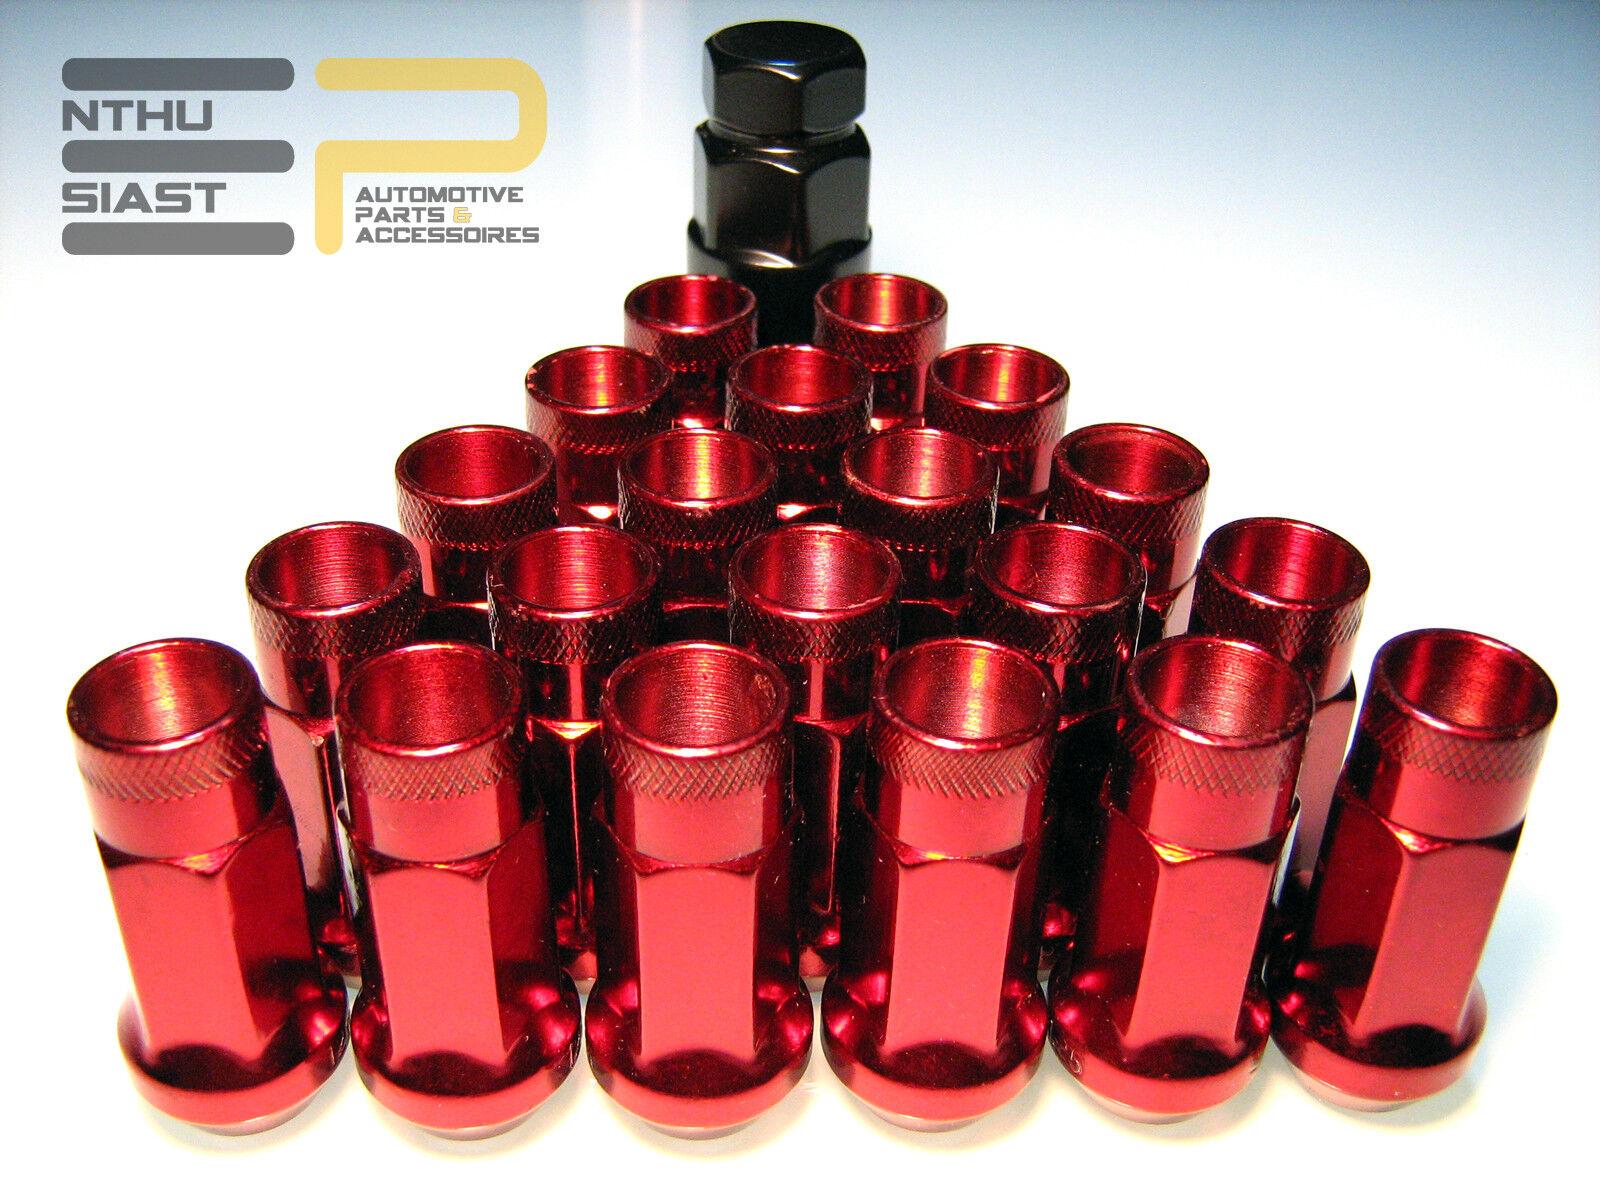 Inbus Stahl Lug Nuts M12 x 1.5 Radmuttern 45mm SCHWARZ 20 Stk JDM